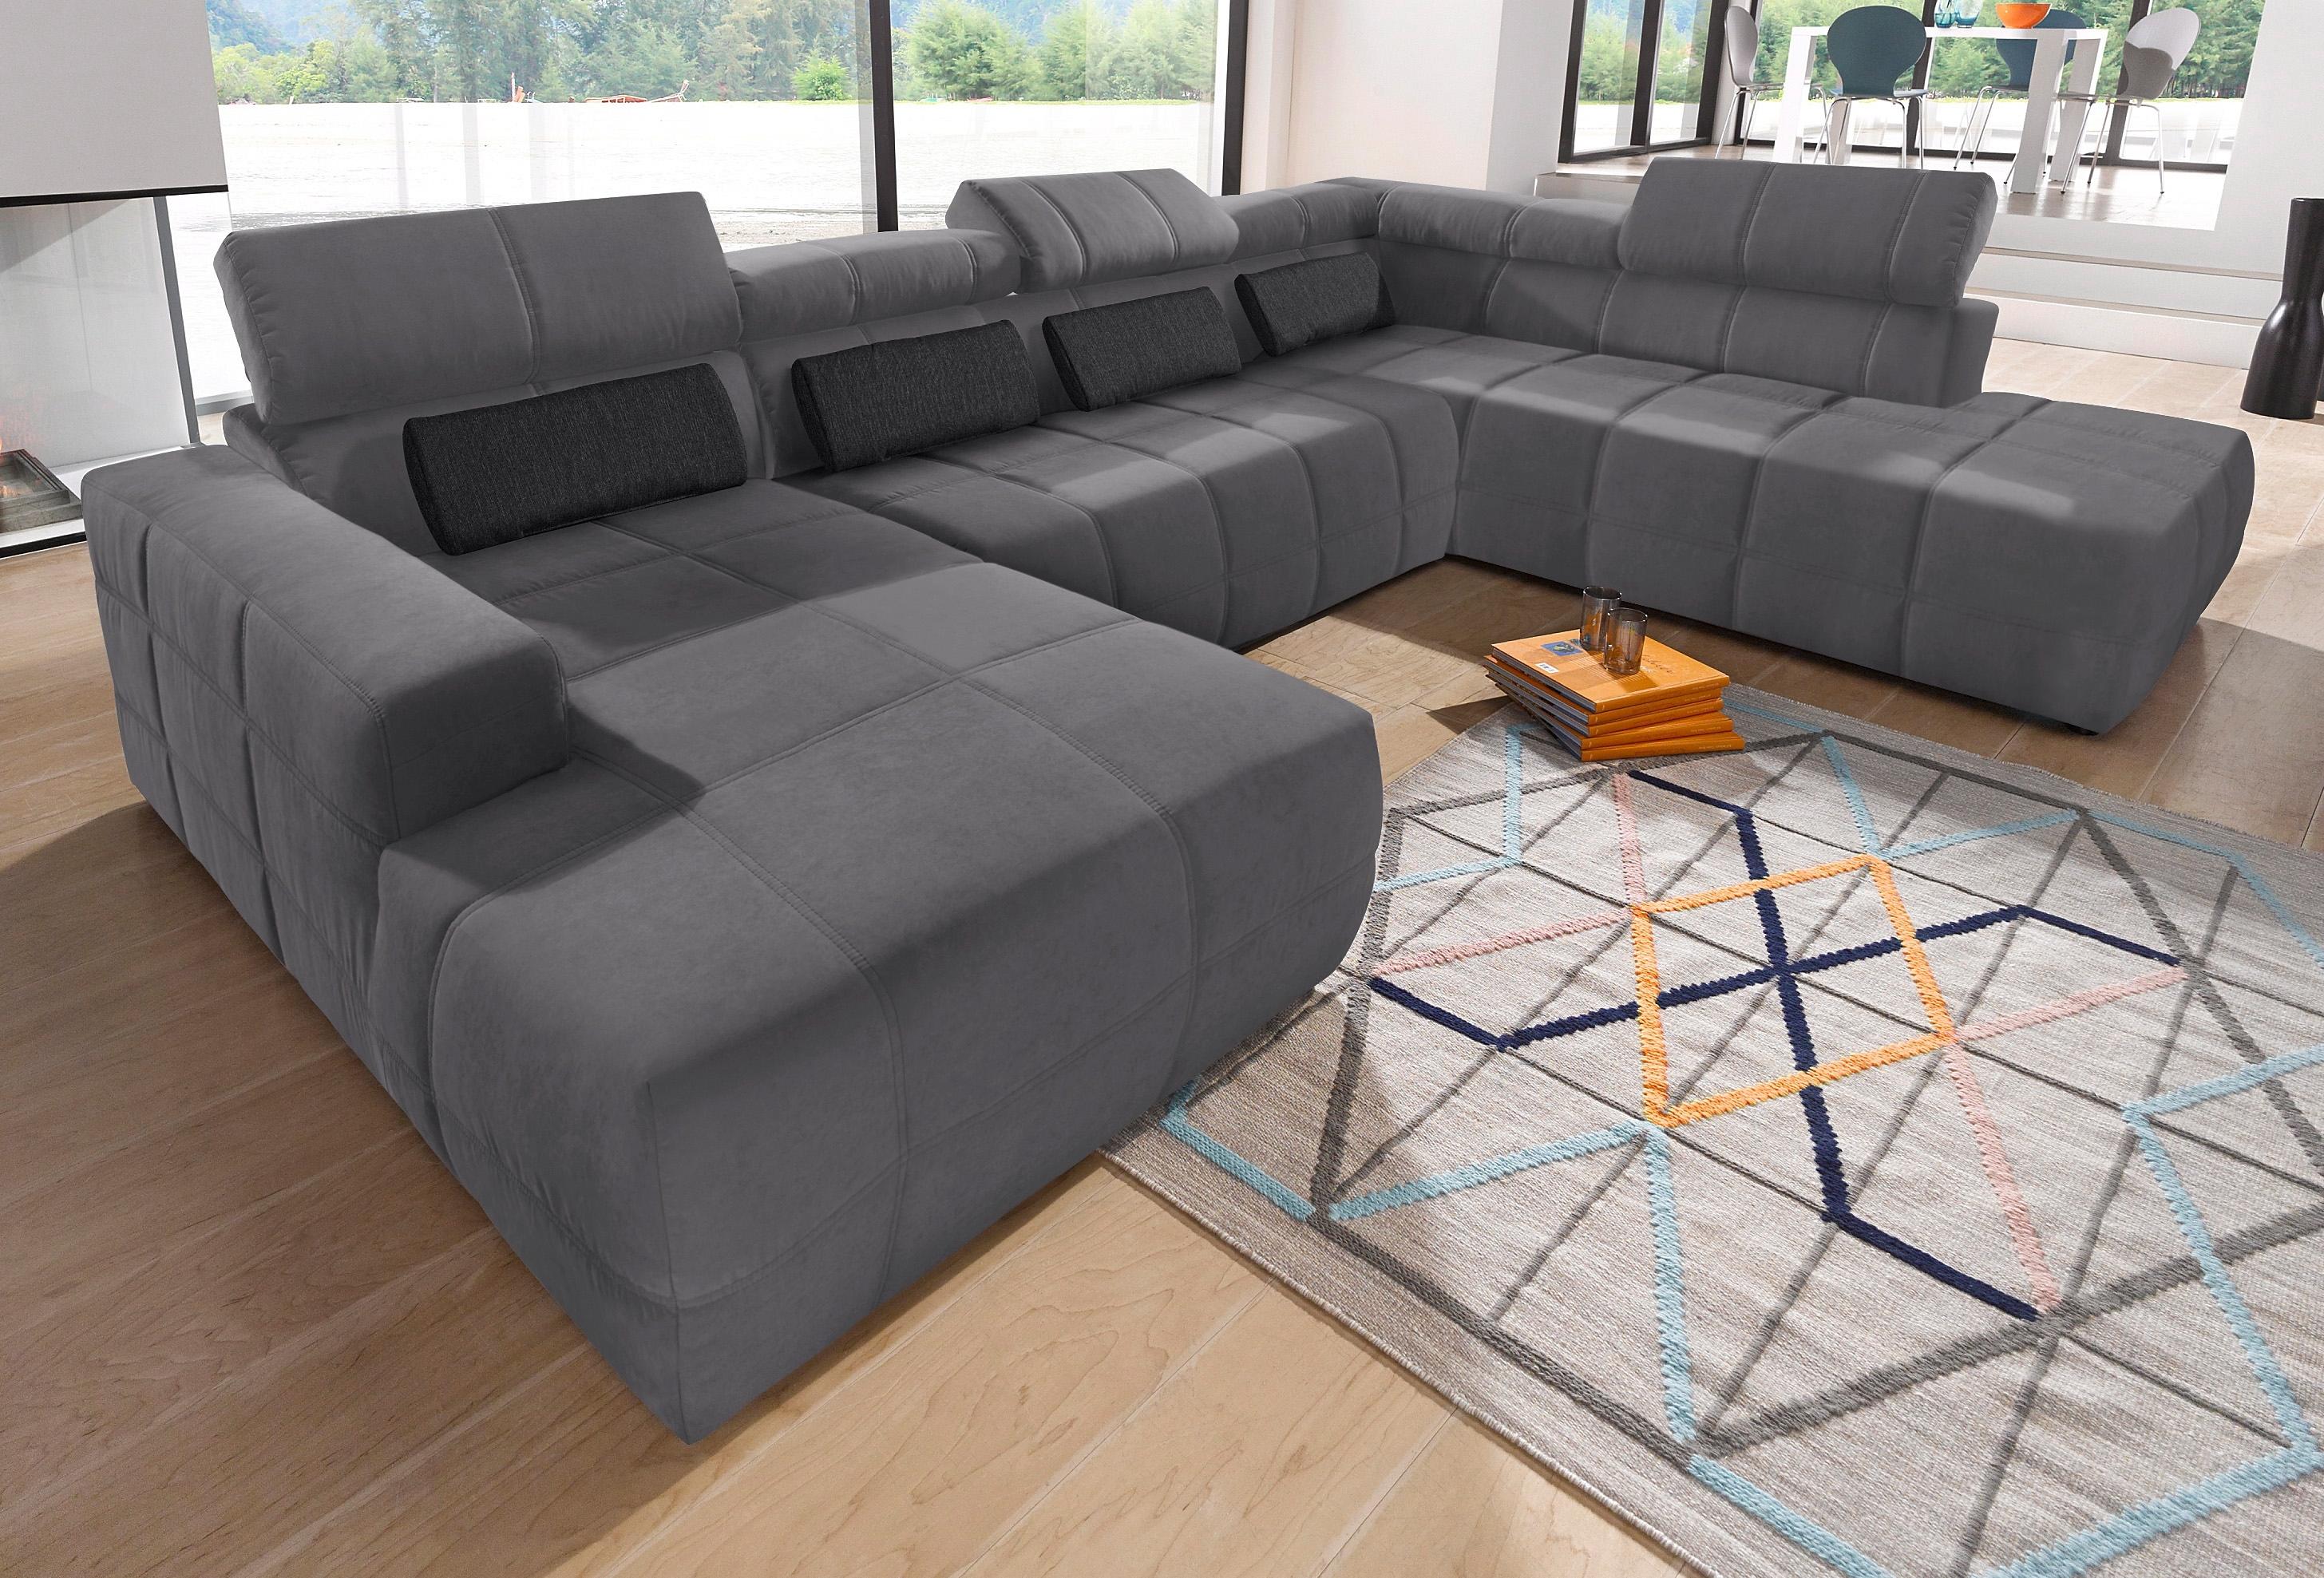 hoekbank naar keuze met verstelbare zitdiepte online. Black Bedroom Furniture Sets. Home Design Ideas